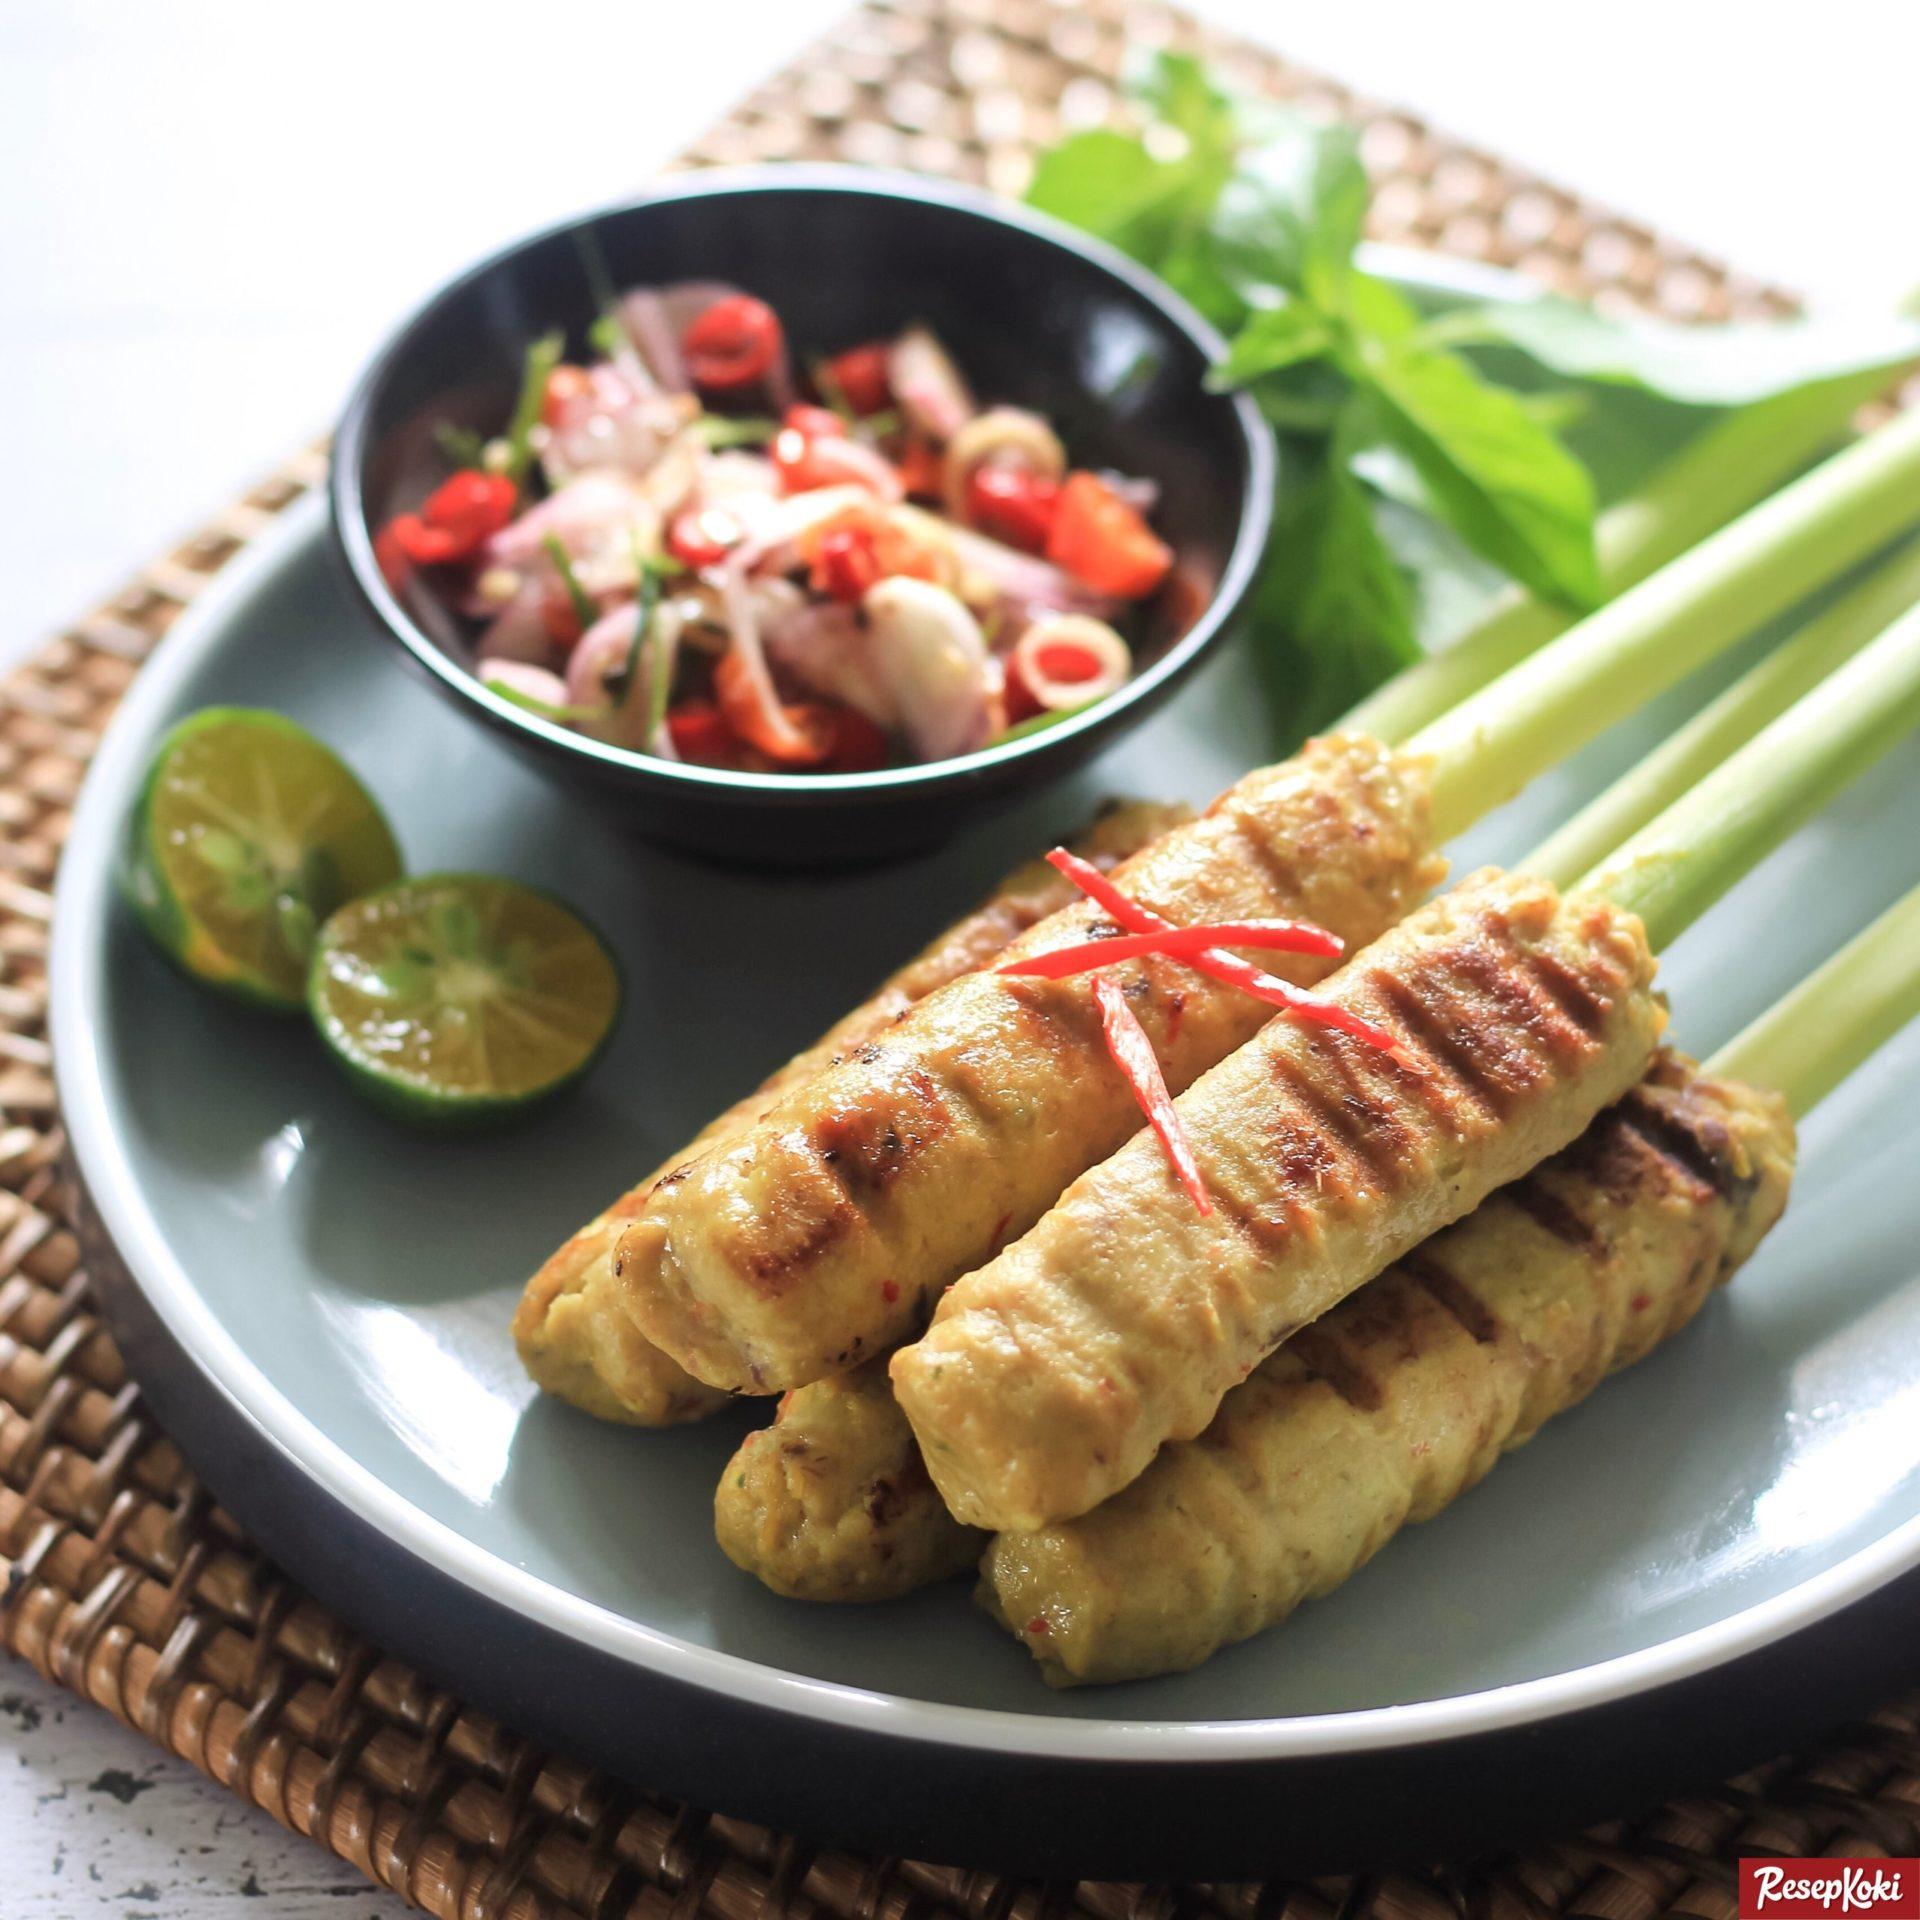 13 macam sate lezat dan asli khas daerah indonesia